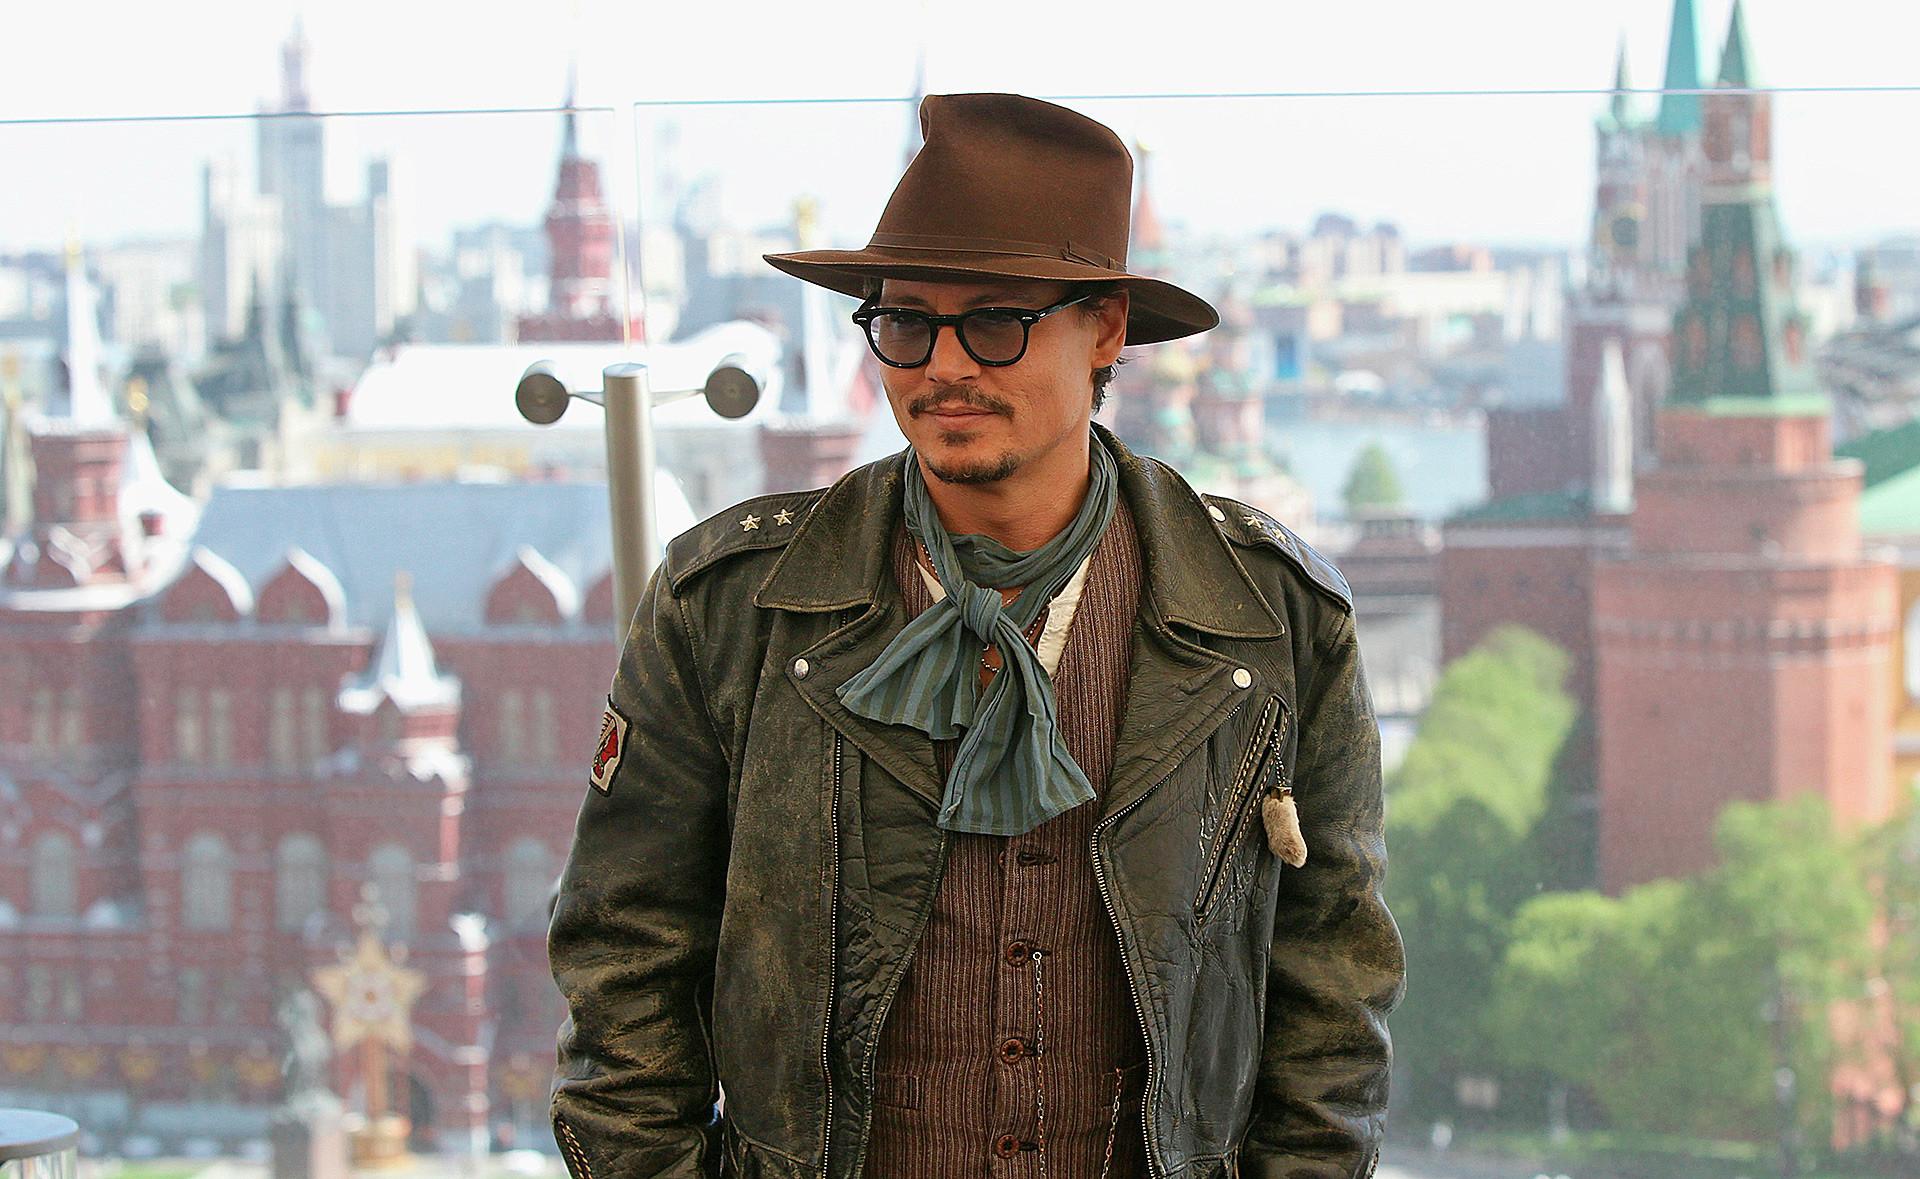 Преди време Джони Деп идвал в Москва, за да популяризира филмите си